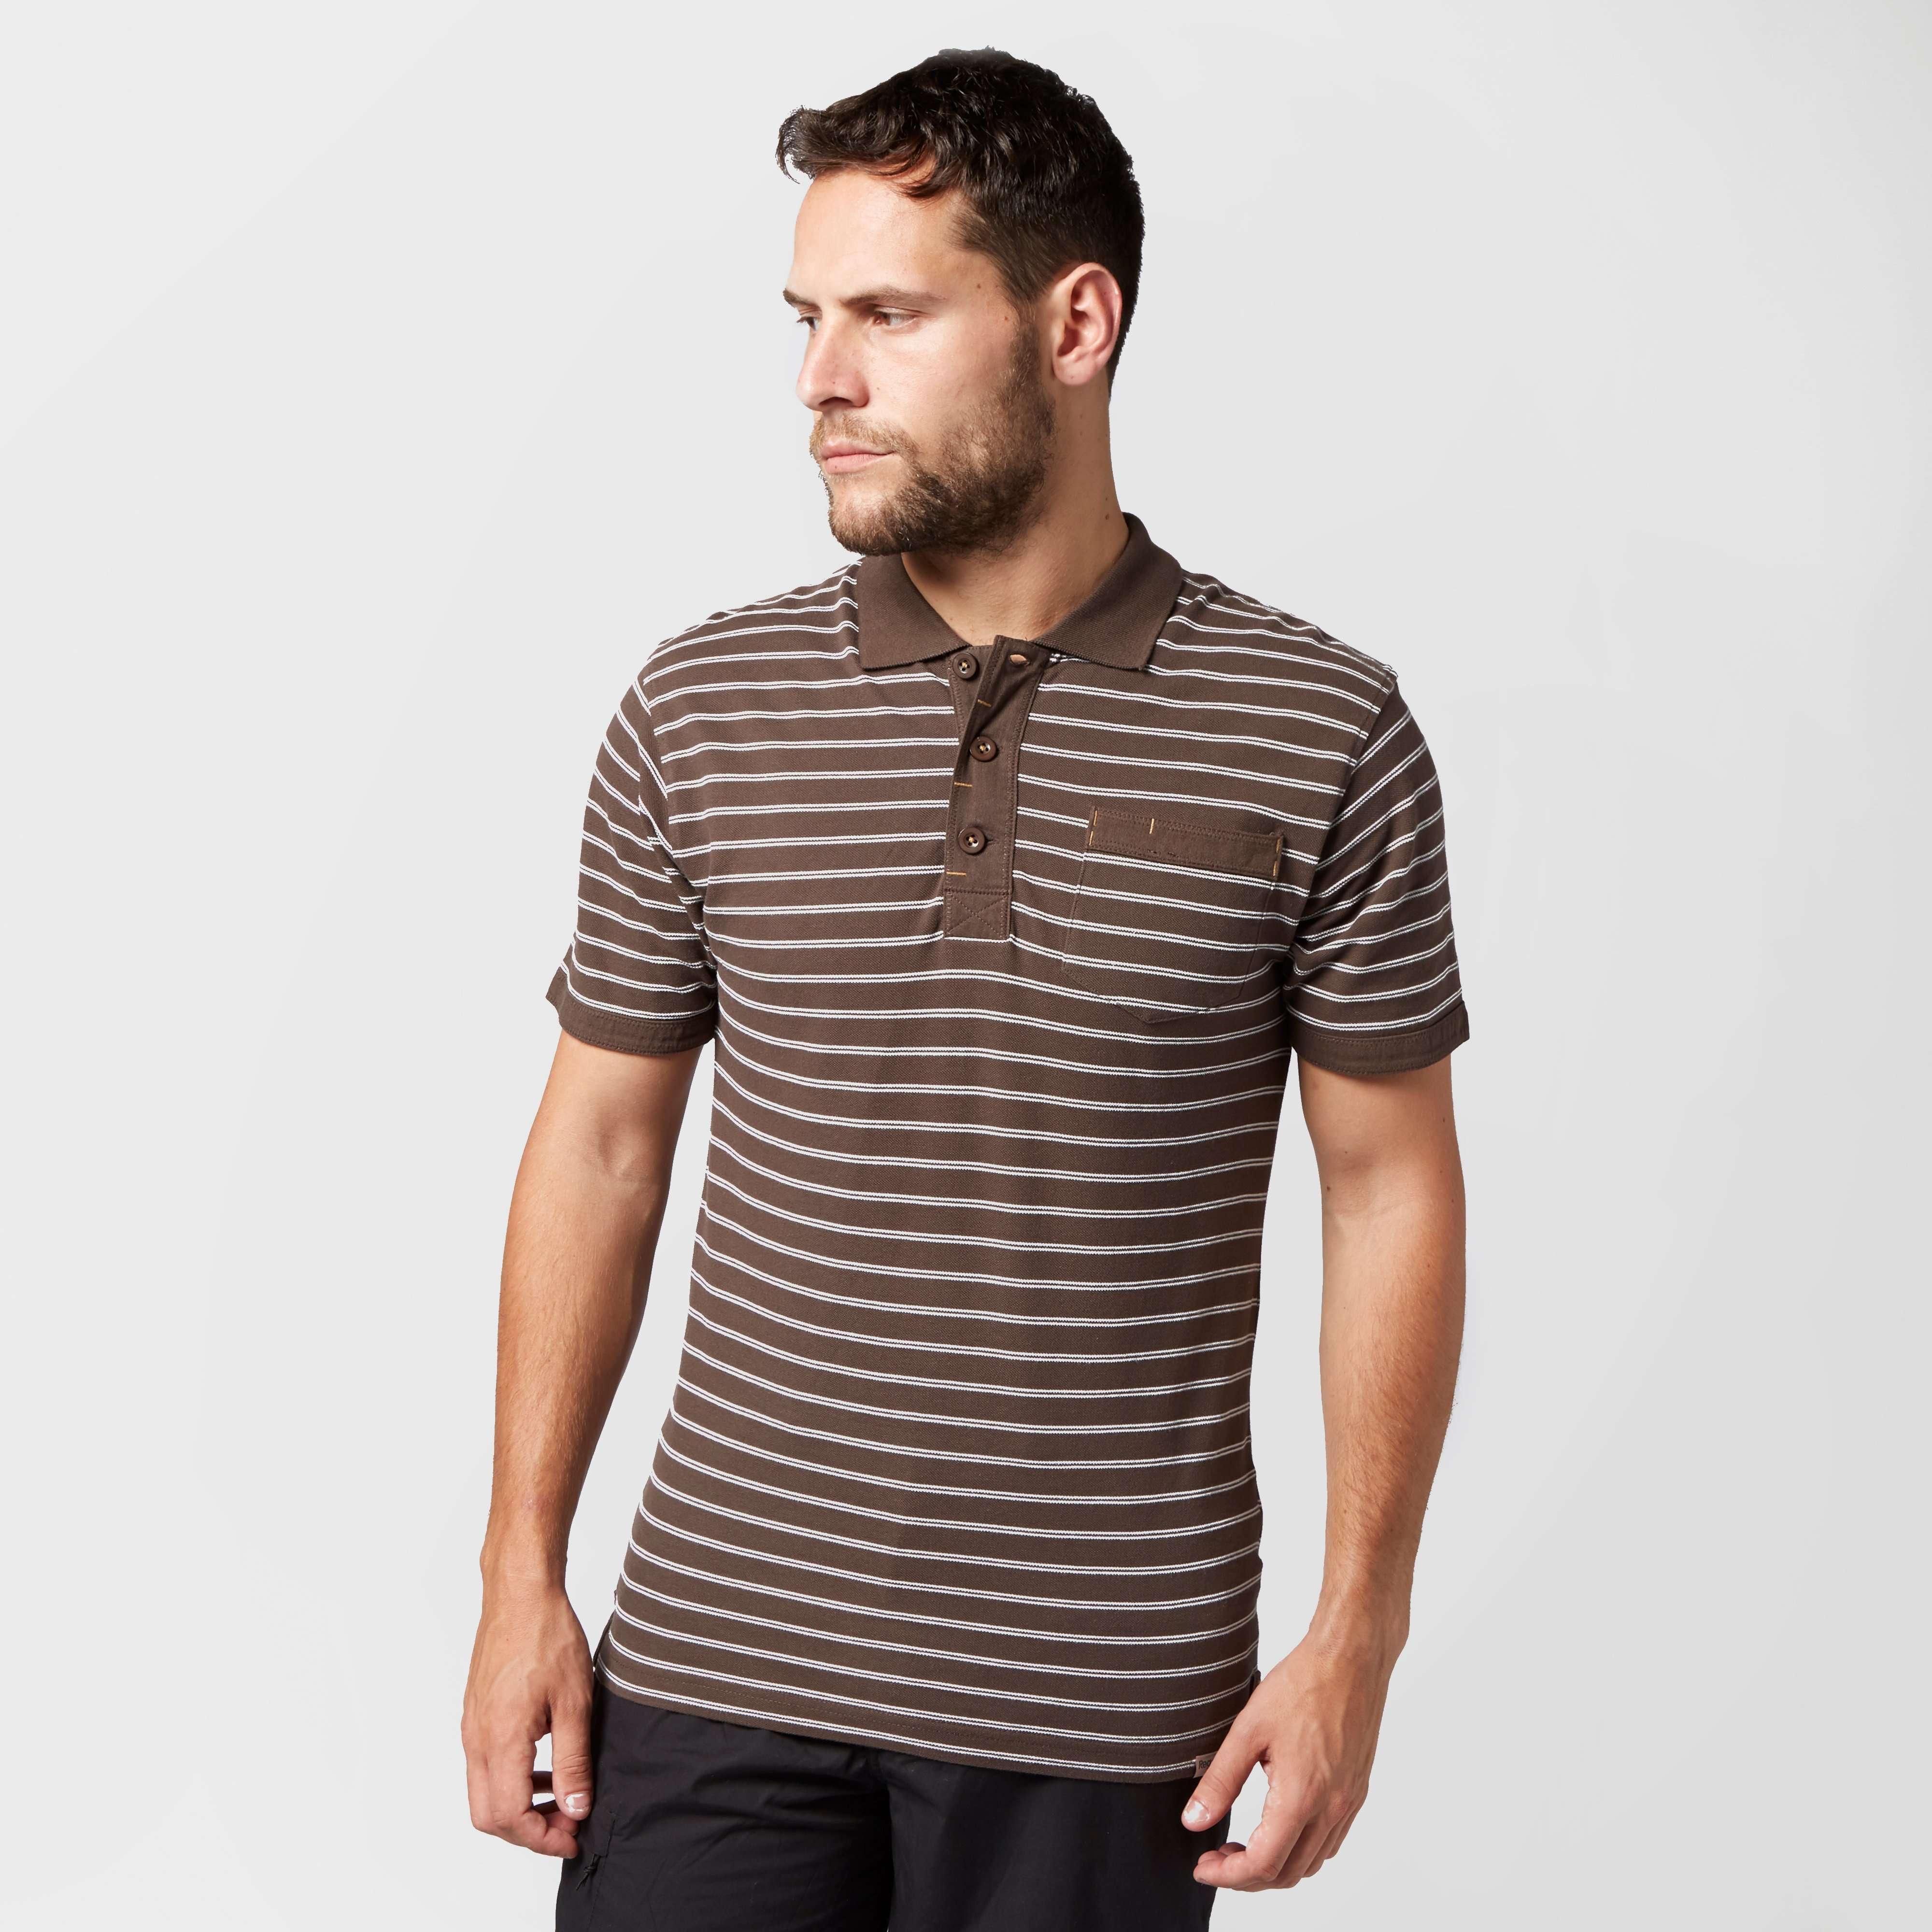 REGATTA Men's Pinto Polo Shirt